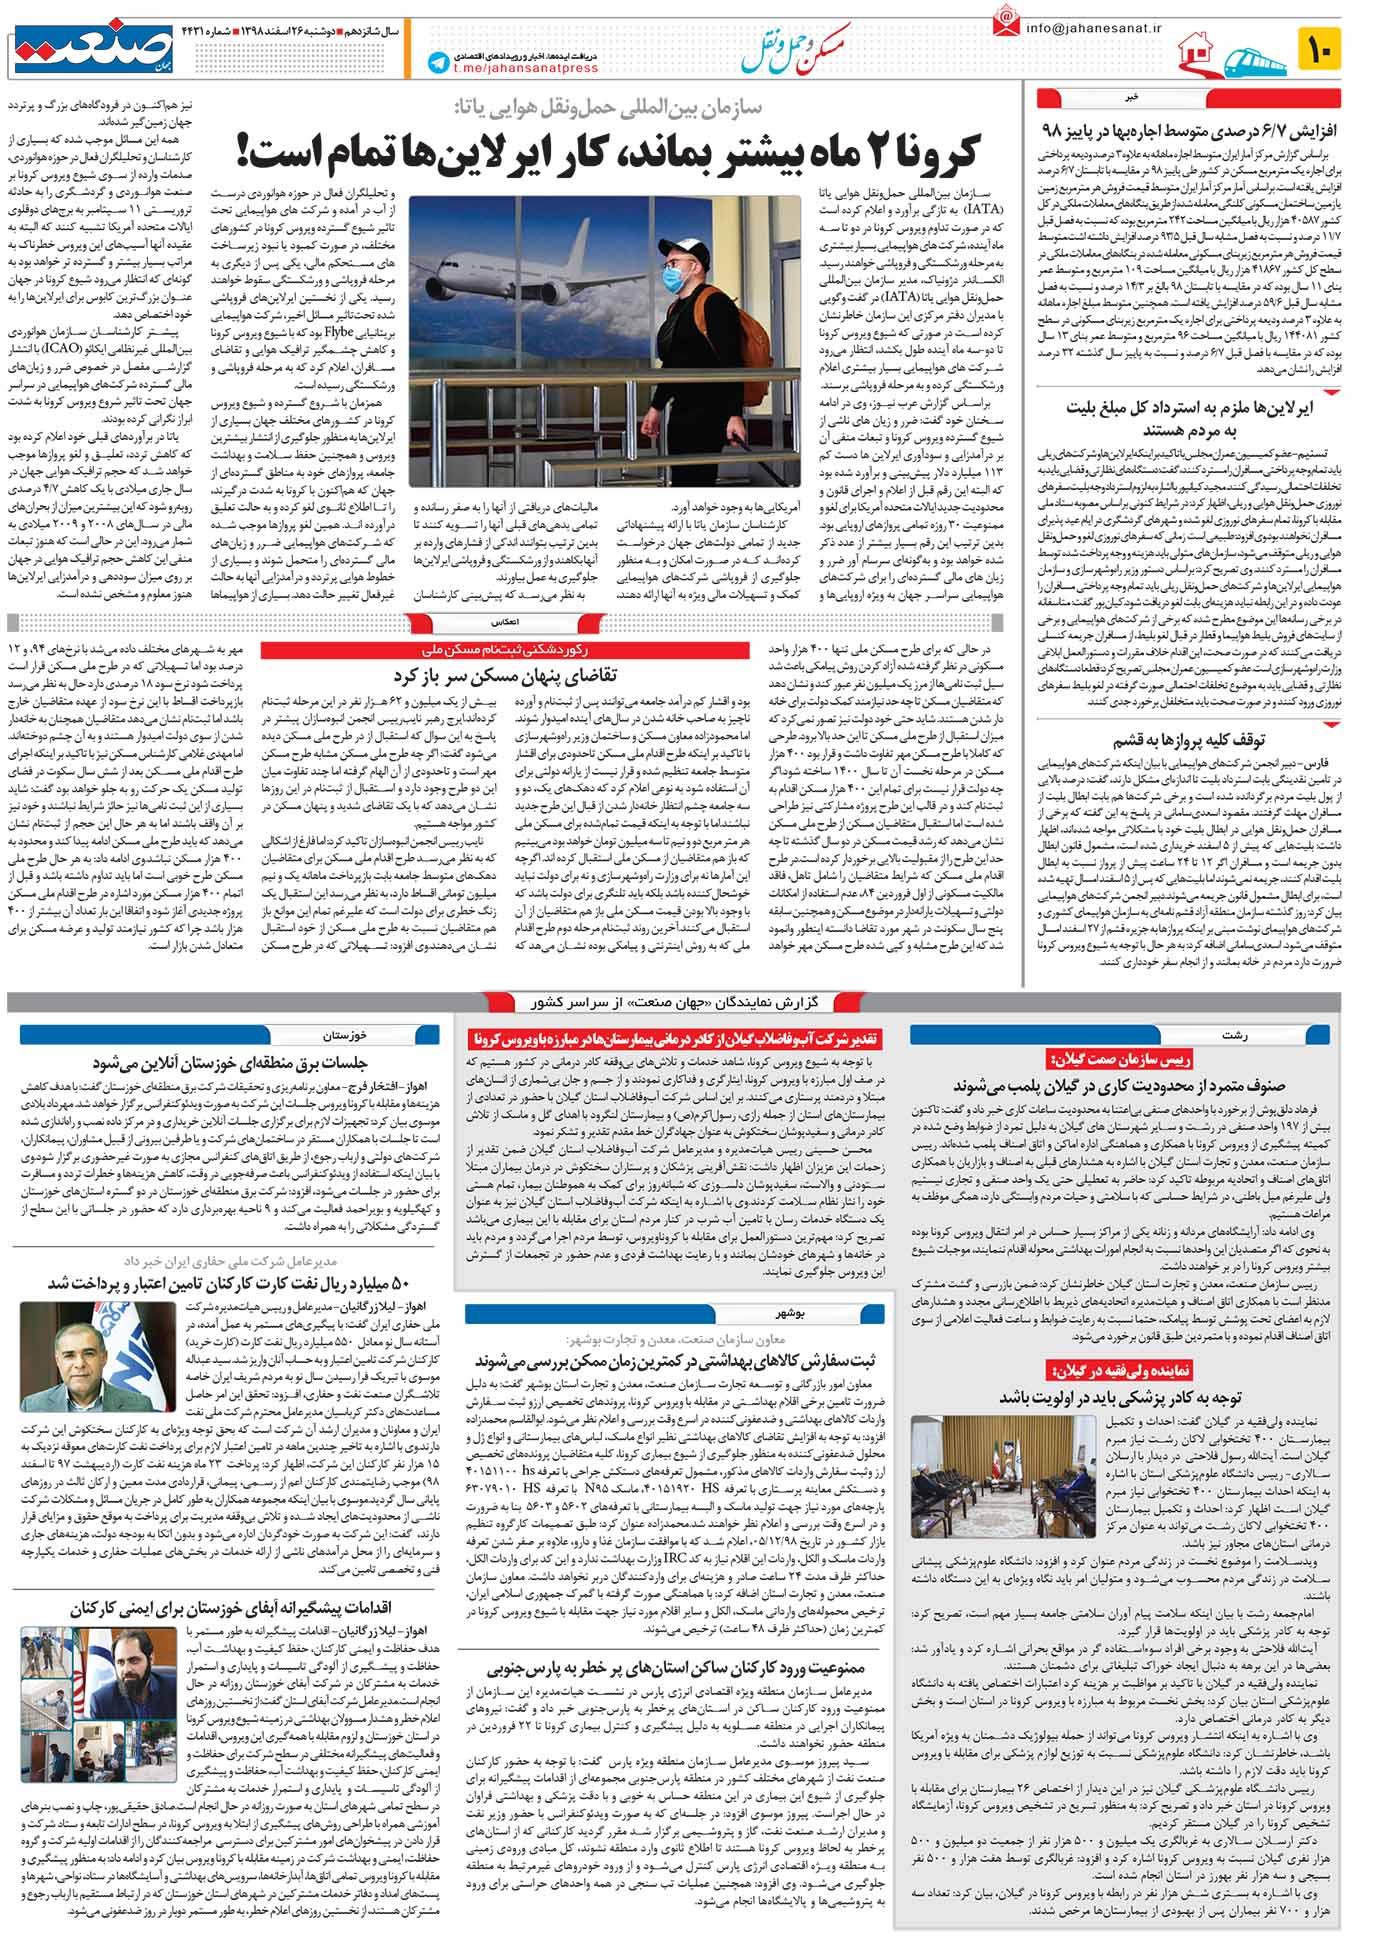 صفحه ۱۰ – ۲۶ اسفند ۱۳۹۸